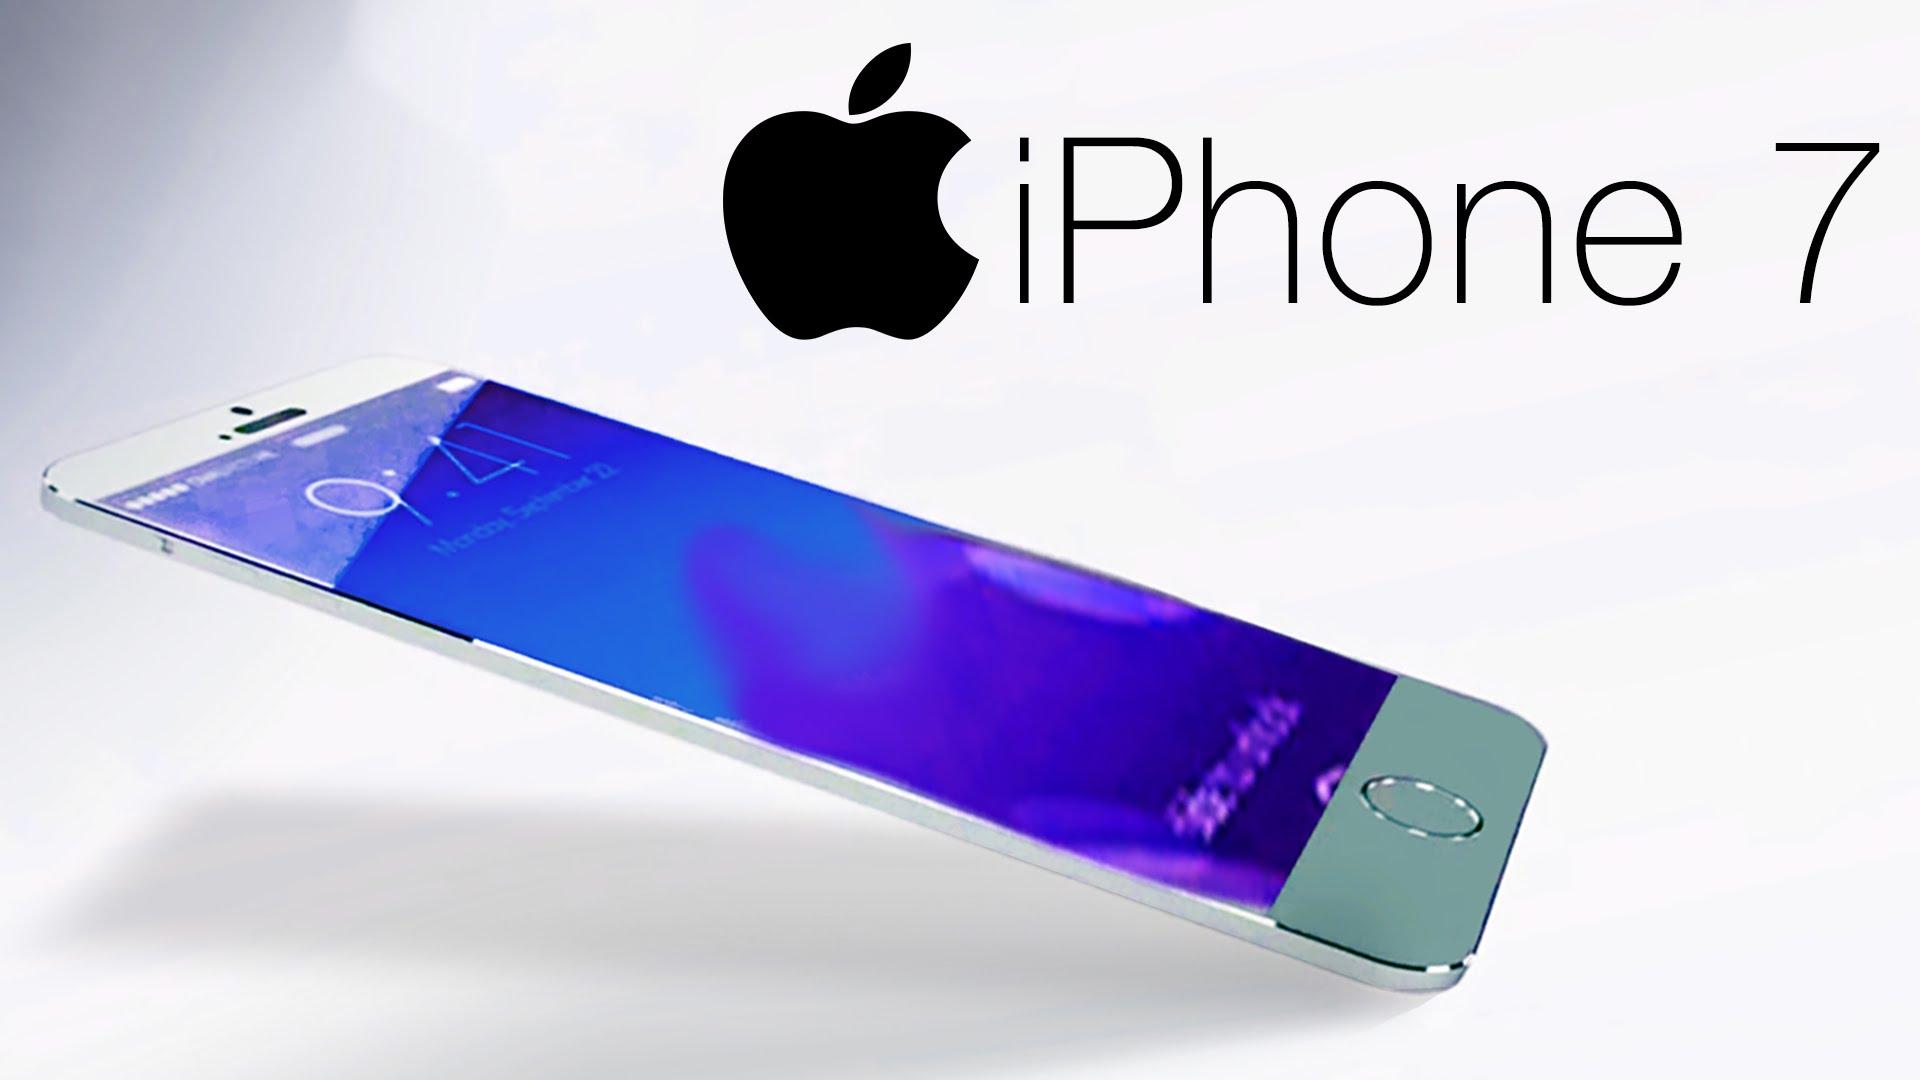 La presentazione dell'iPhone 7 a San Francisco